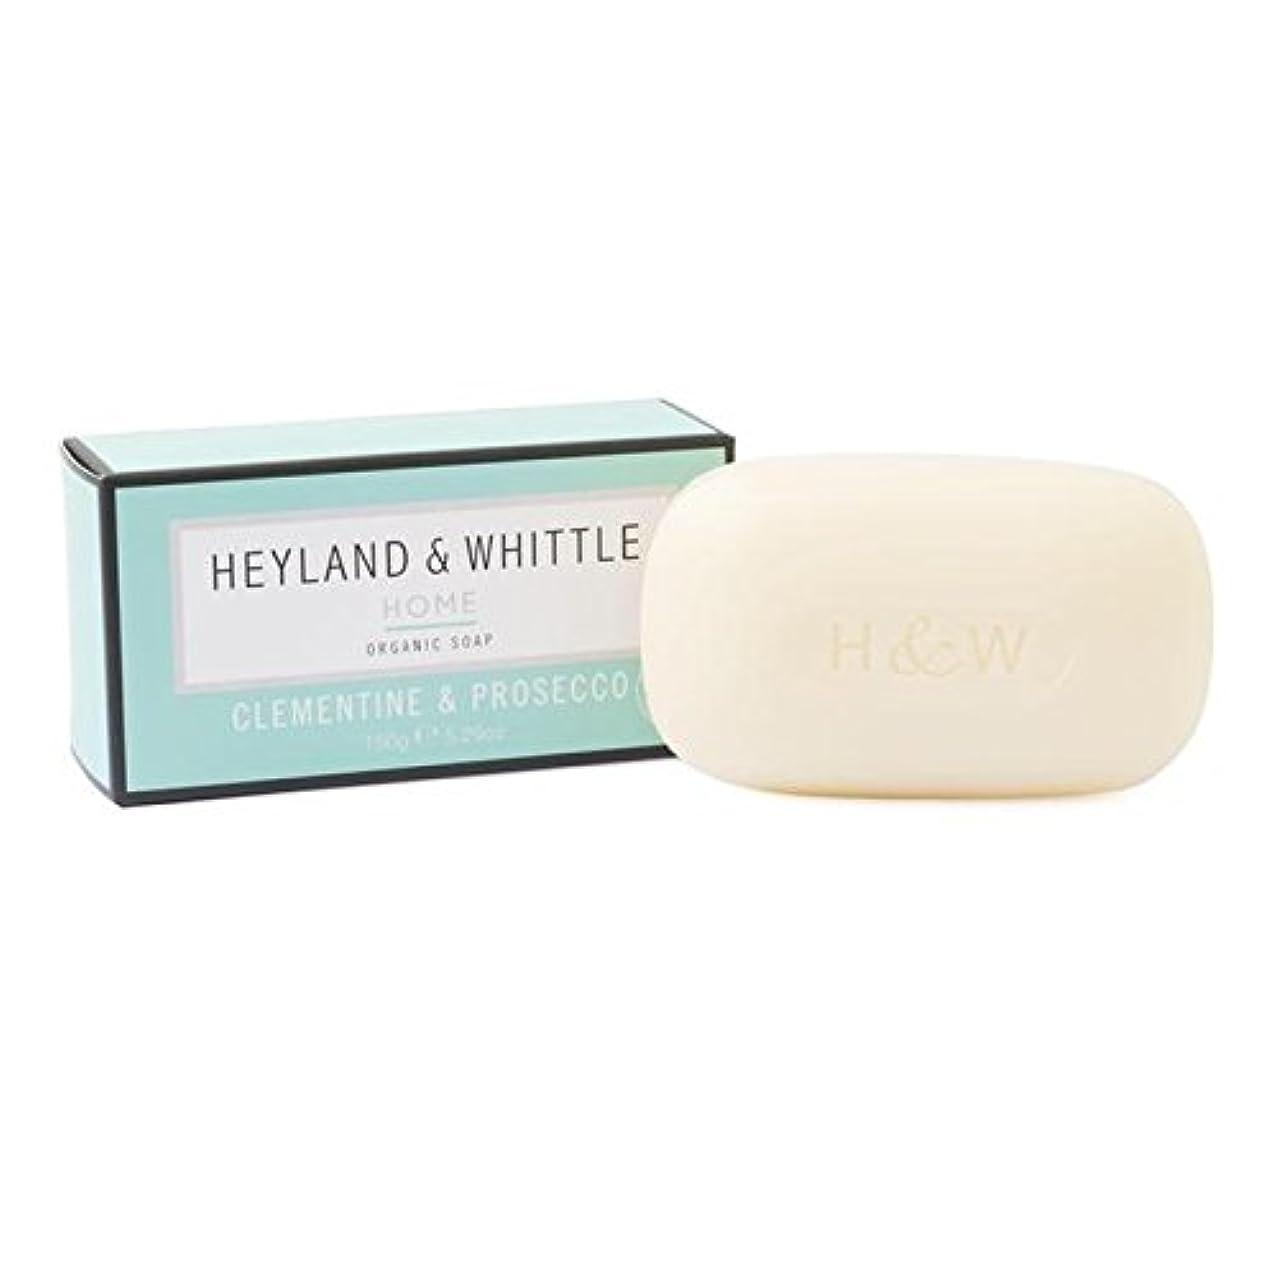 コテージ証明書変更可能&削るホームクレメンタイン&プロセッコ有機石鹸150グラム x2 - Heyland & Whittle Home Clementine & Prosecco Organic Soap 150g (Pack of 2)...